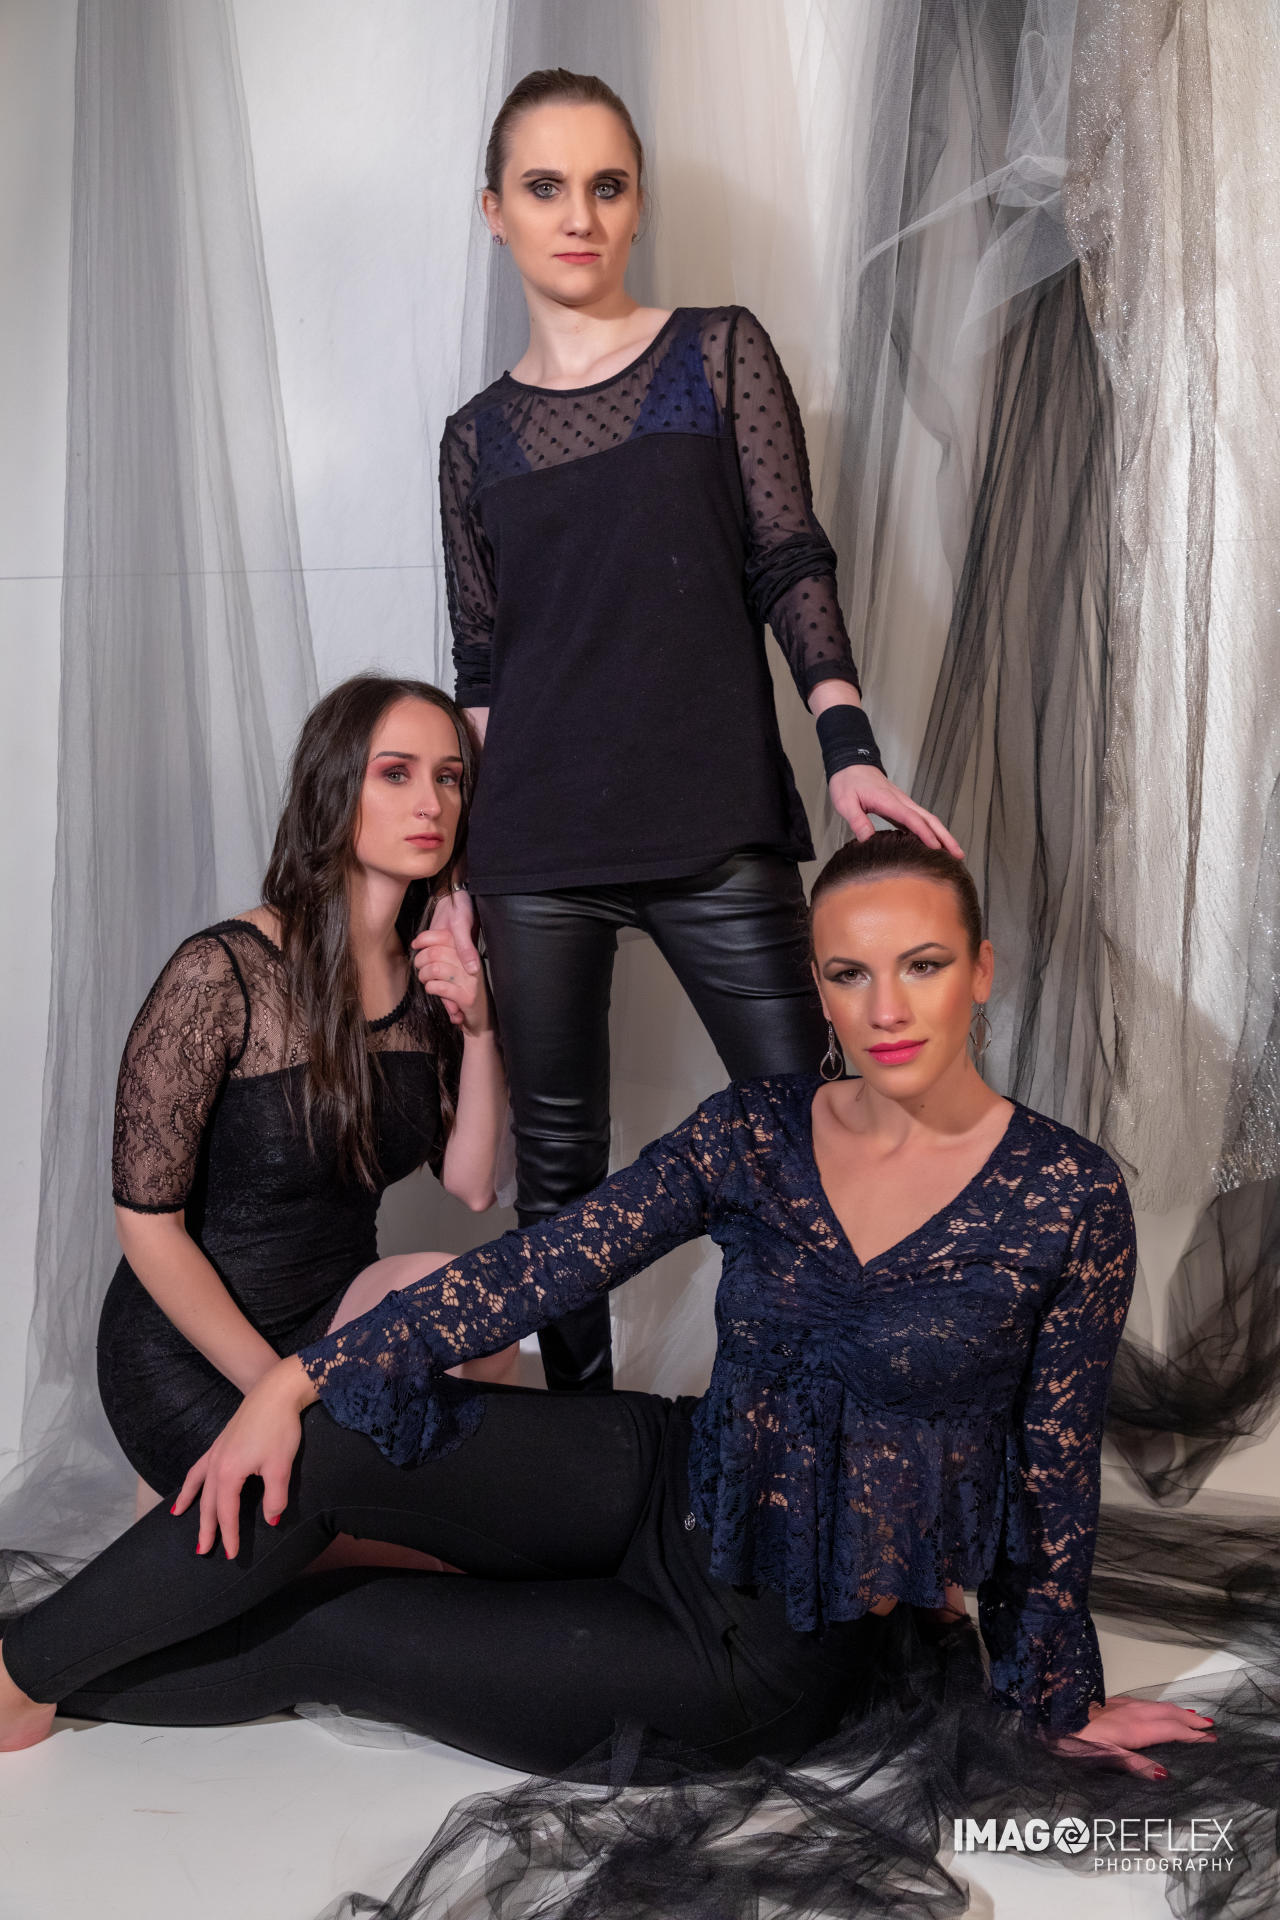 Ivana Iacuzzi, Debora Shila Sartorel, Aurora Iacuzzi